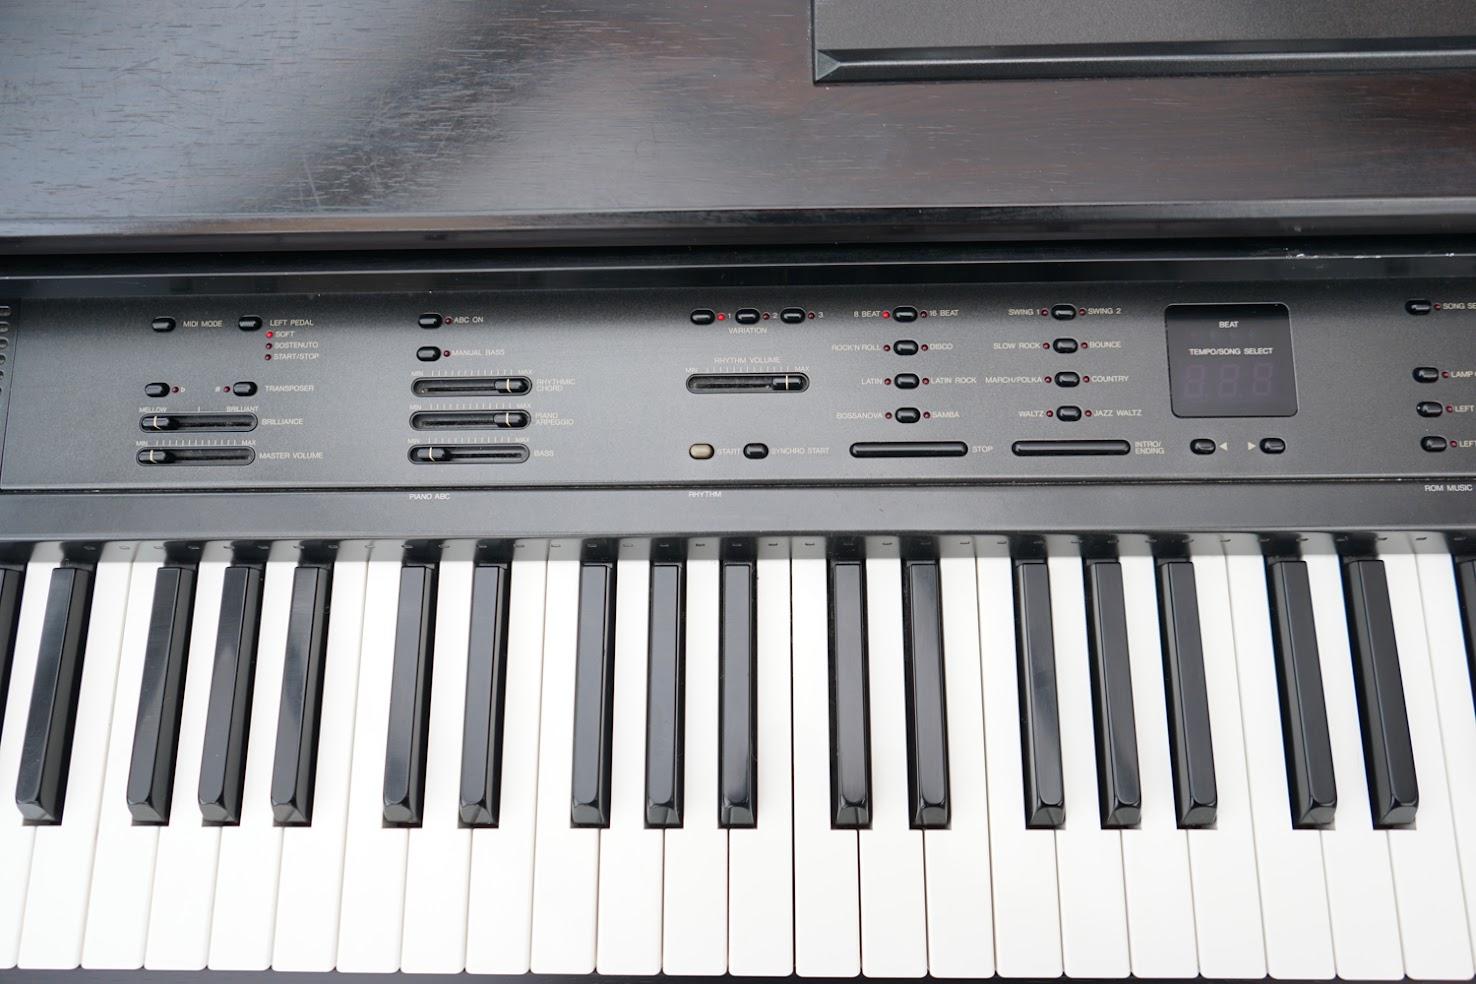 Yamaha clavinova digital full size baby grand piano 88 key for Yamaha full size keyboard with 88 keys